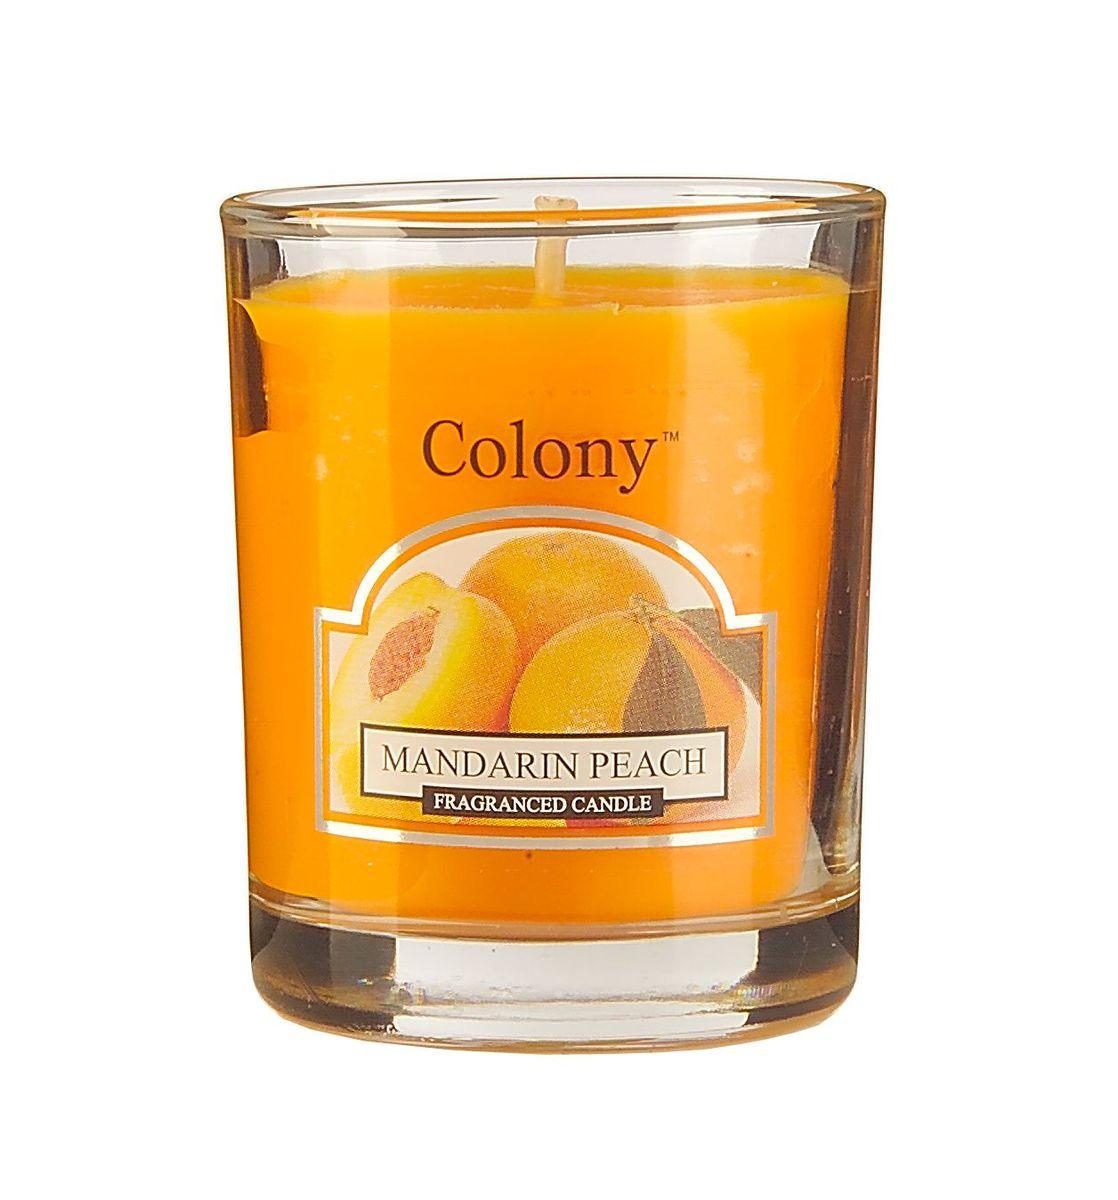 Свеча ароматическая лампадная Wax Lyrical Мандарин и персик, 14 часов, 130 гUP210DFСвеча ароматическая лампадная Wax Lyrical Мандарин и персик имеет бодрящий аромат спелого персика и сладкого мандарина.